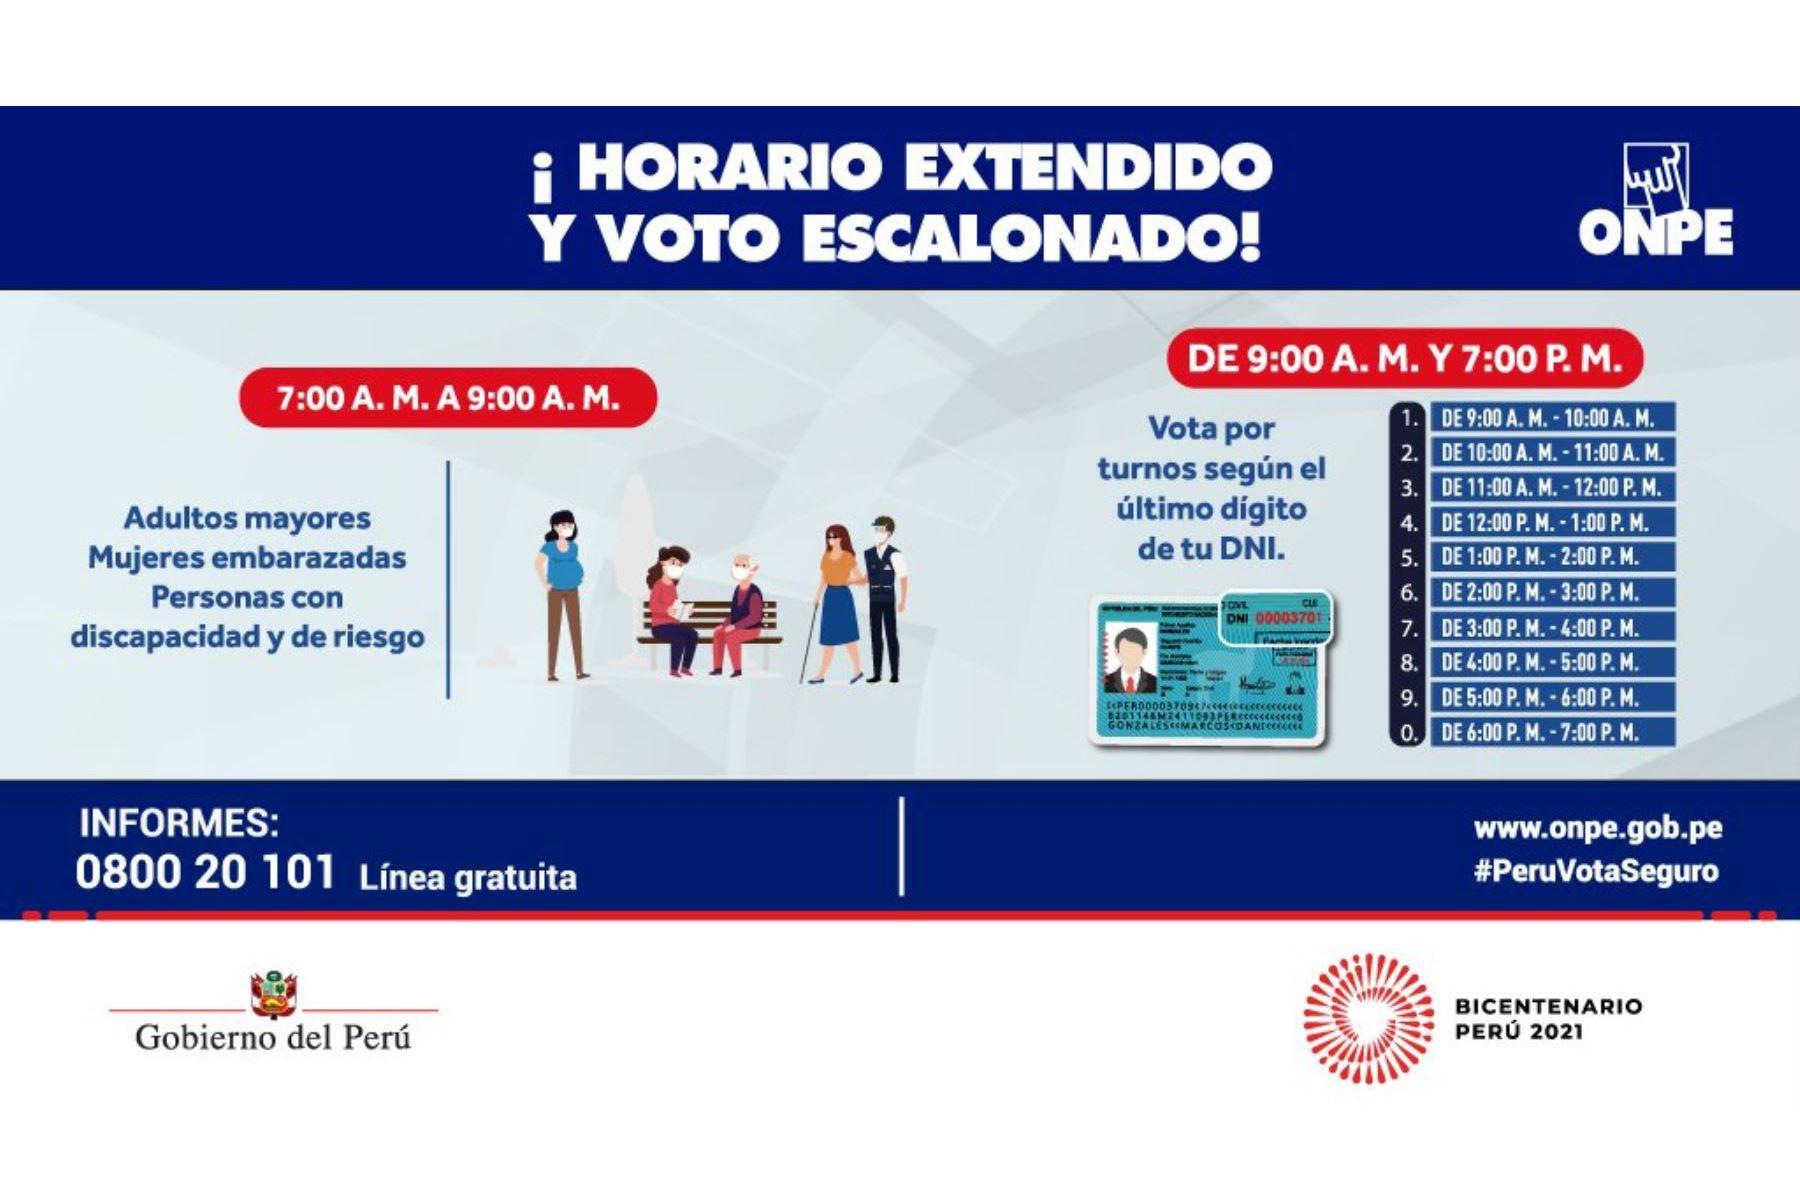 Recomendaciones de la ONPE para las elecciones del 11 de abril.